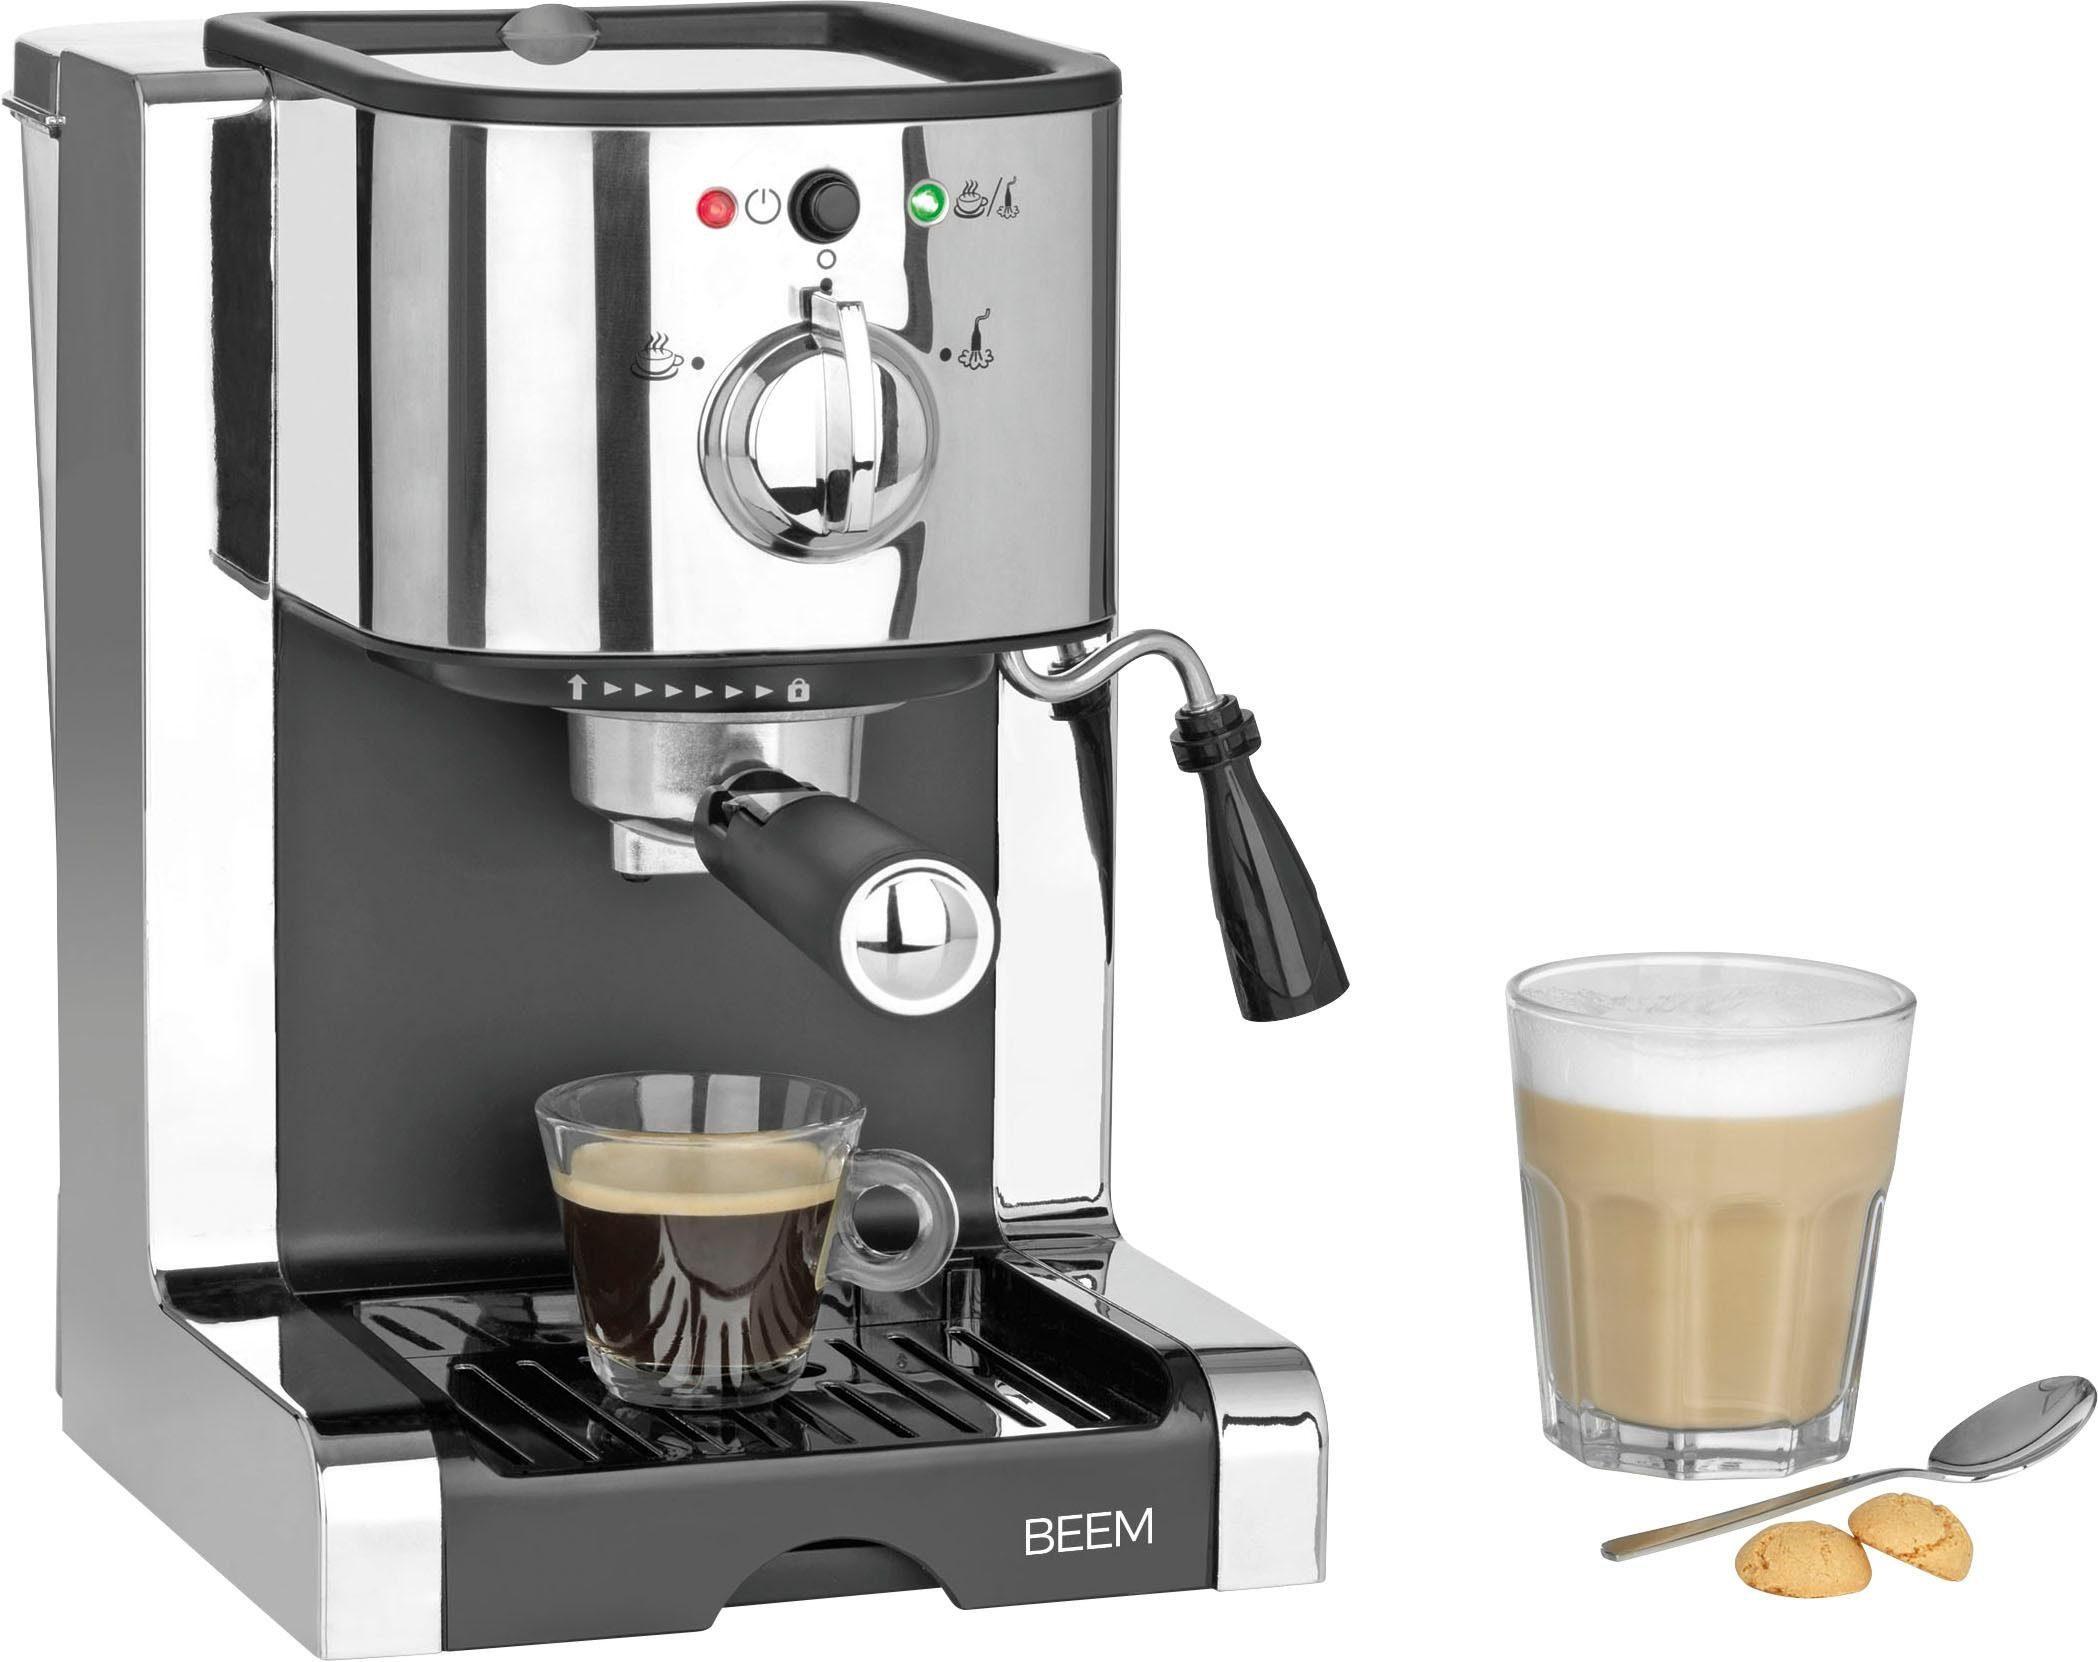 BEEM Siebträgermaschine Espresso-Perfect Technik & Freizeit/Elektrogeräte/Haushaltsgeräte/Kaffee & Espresso/Espressomaschine